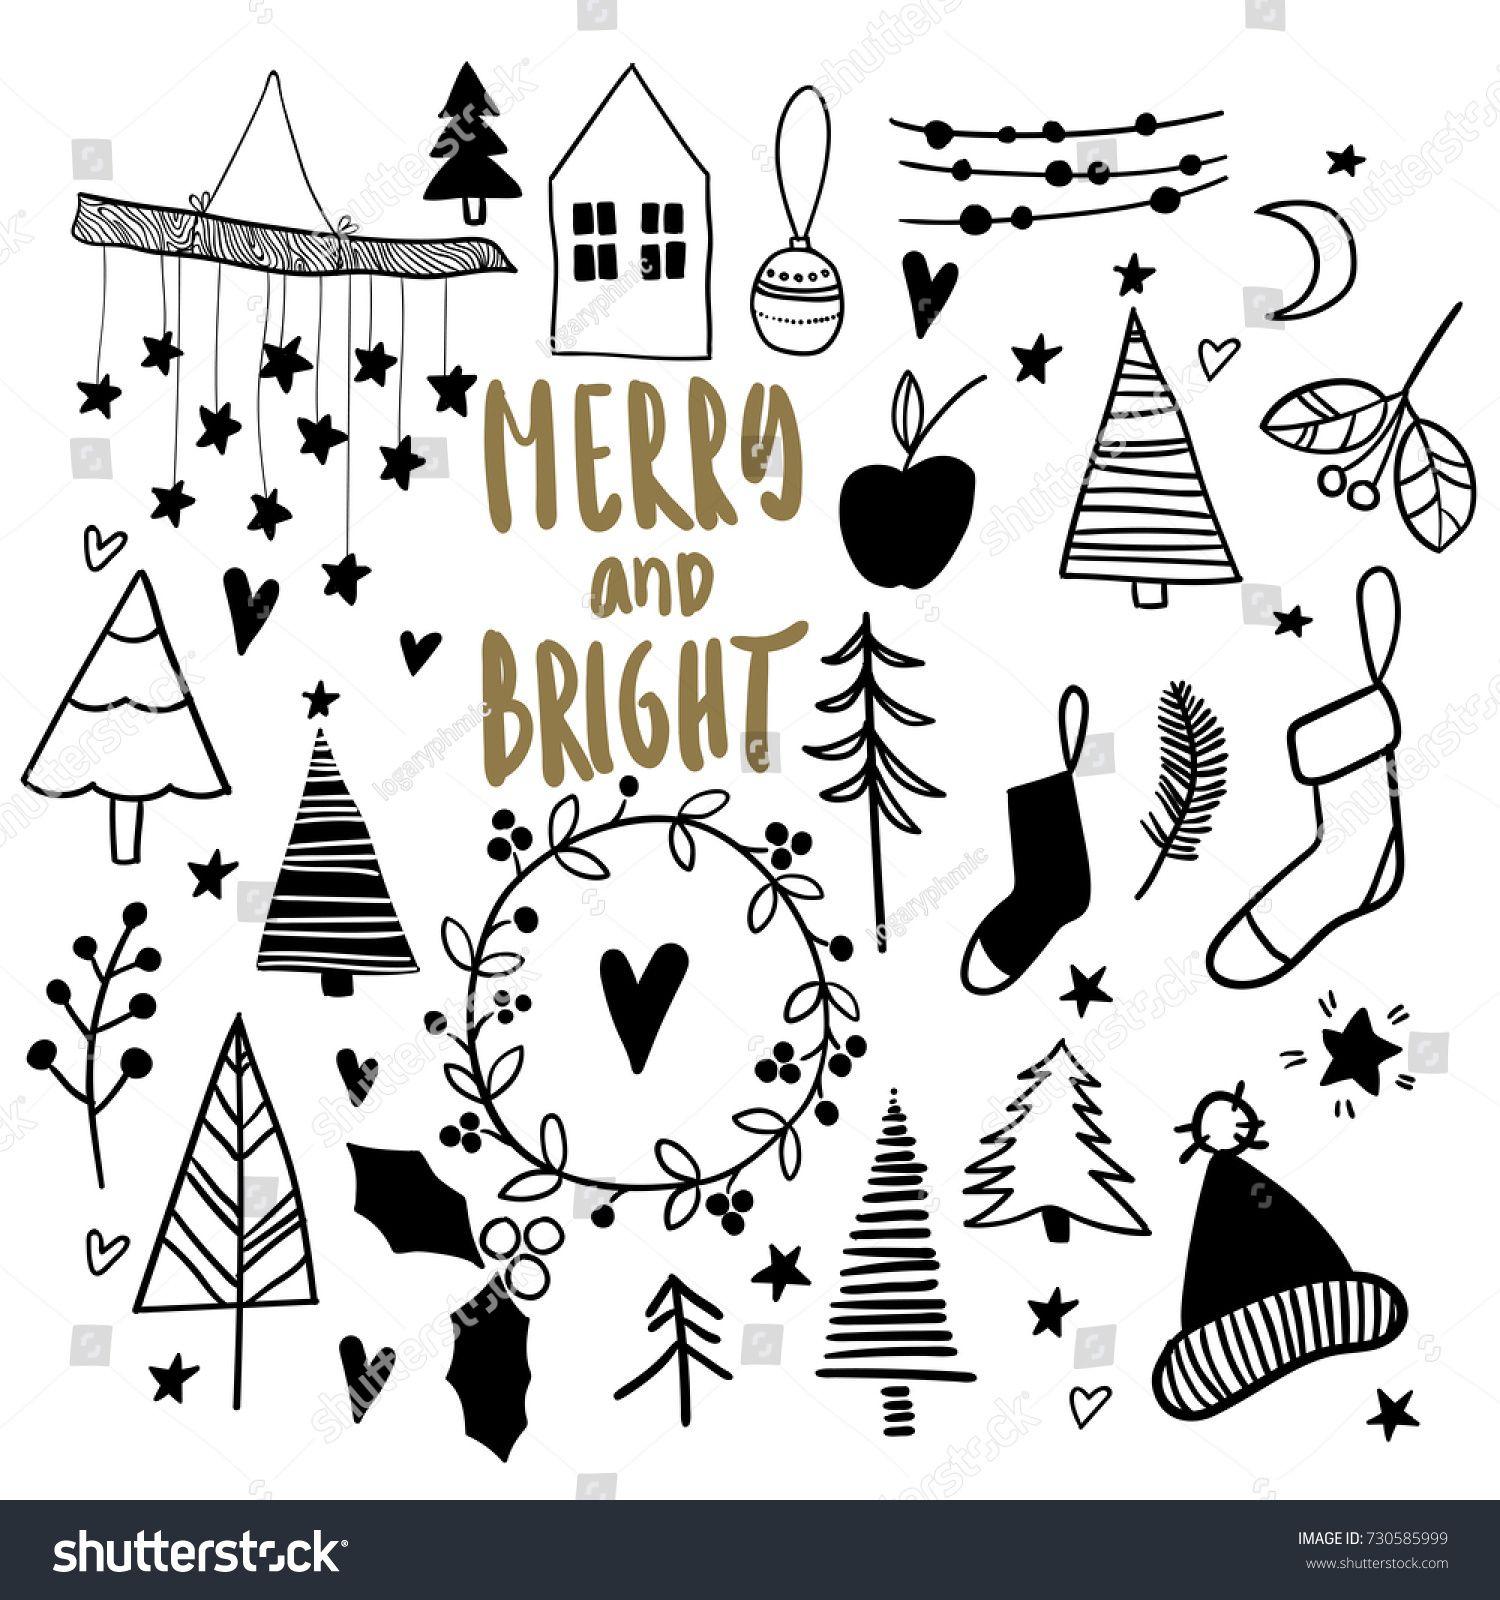 Photo of Стоковая векторная графика «Christmas Doodles Hand Drawn Vector Icons» (без лицензионных платежей), 730585999